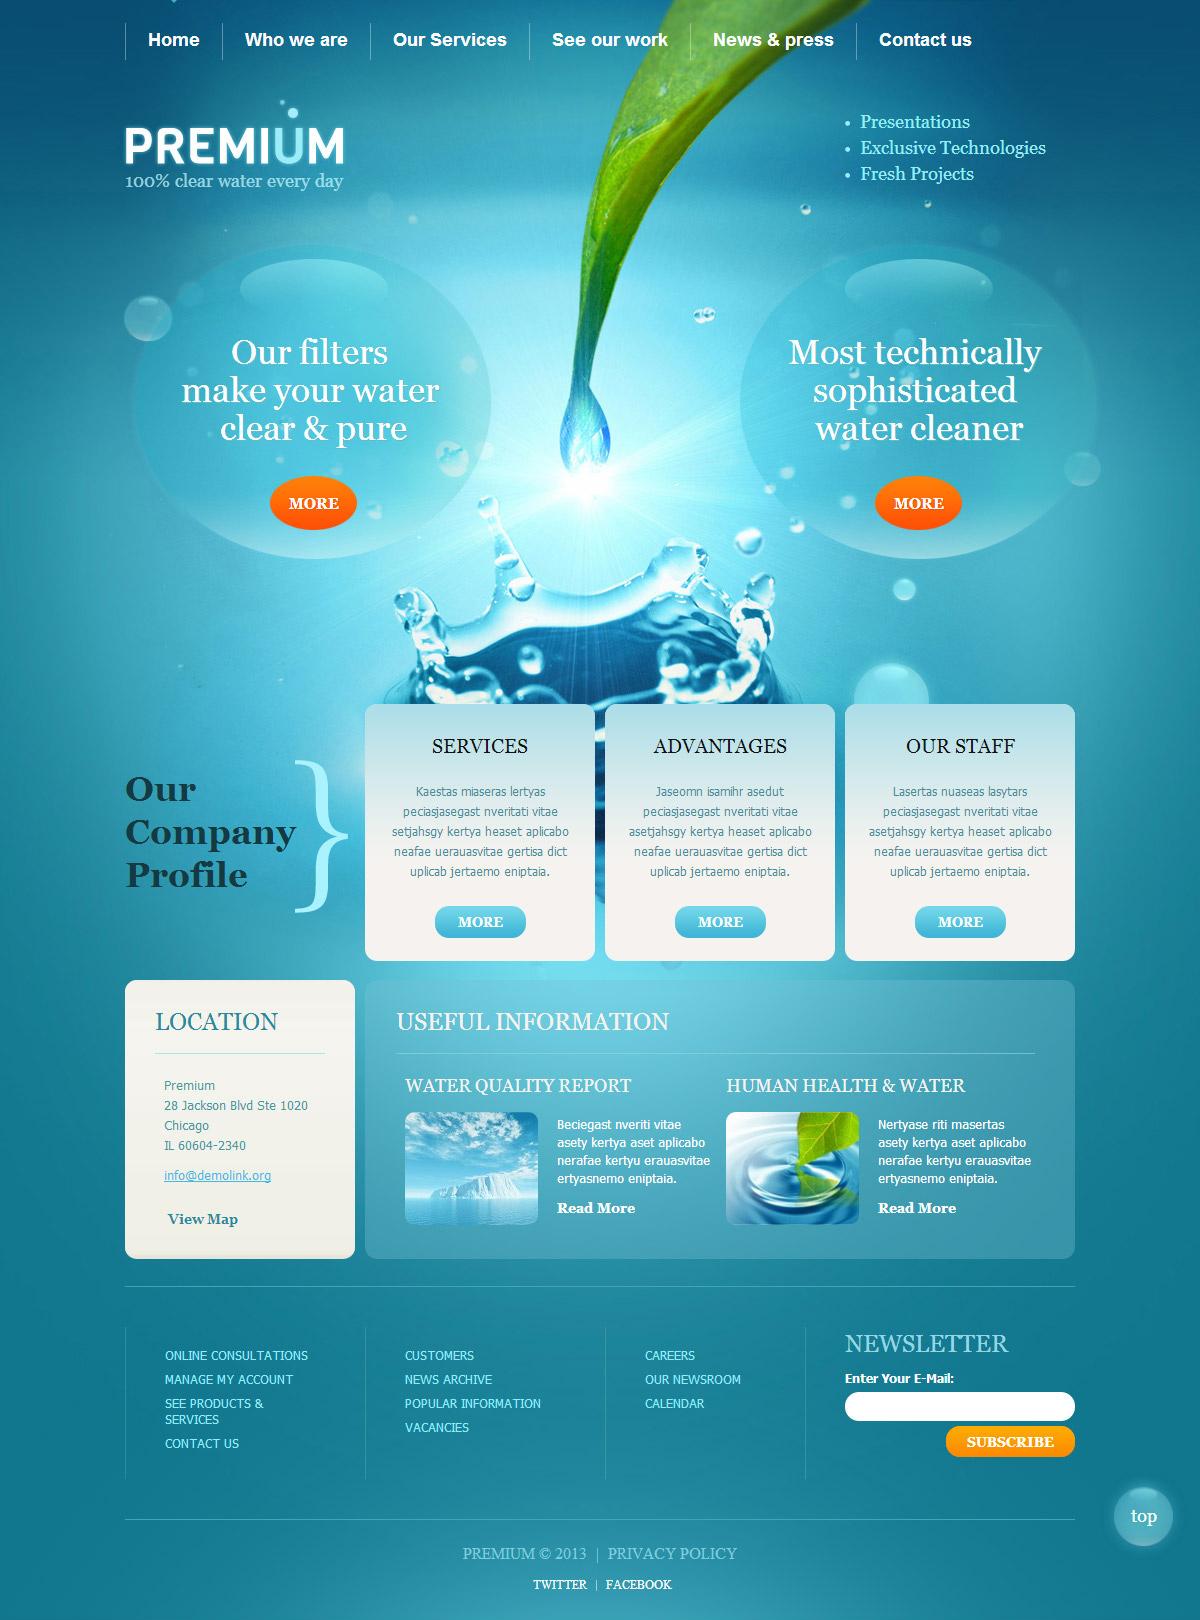 蓝色和白色网页健康,清洁,清爽的感觉网页设计